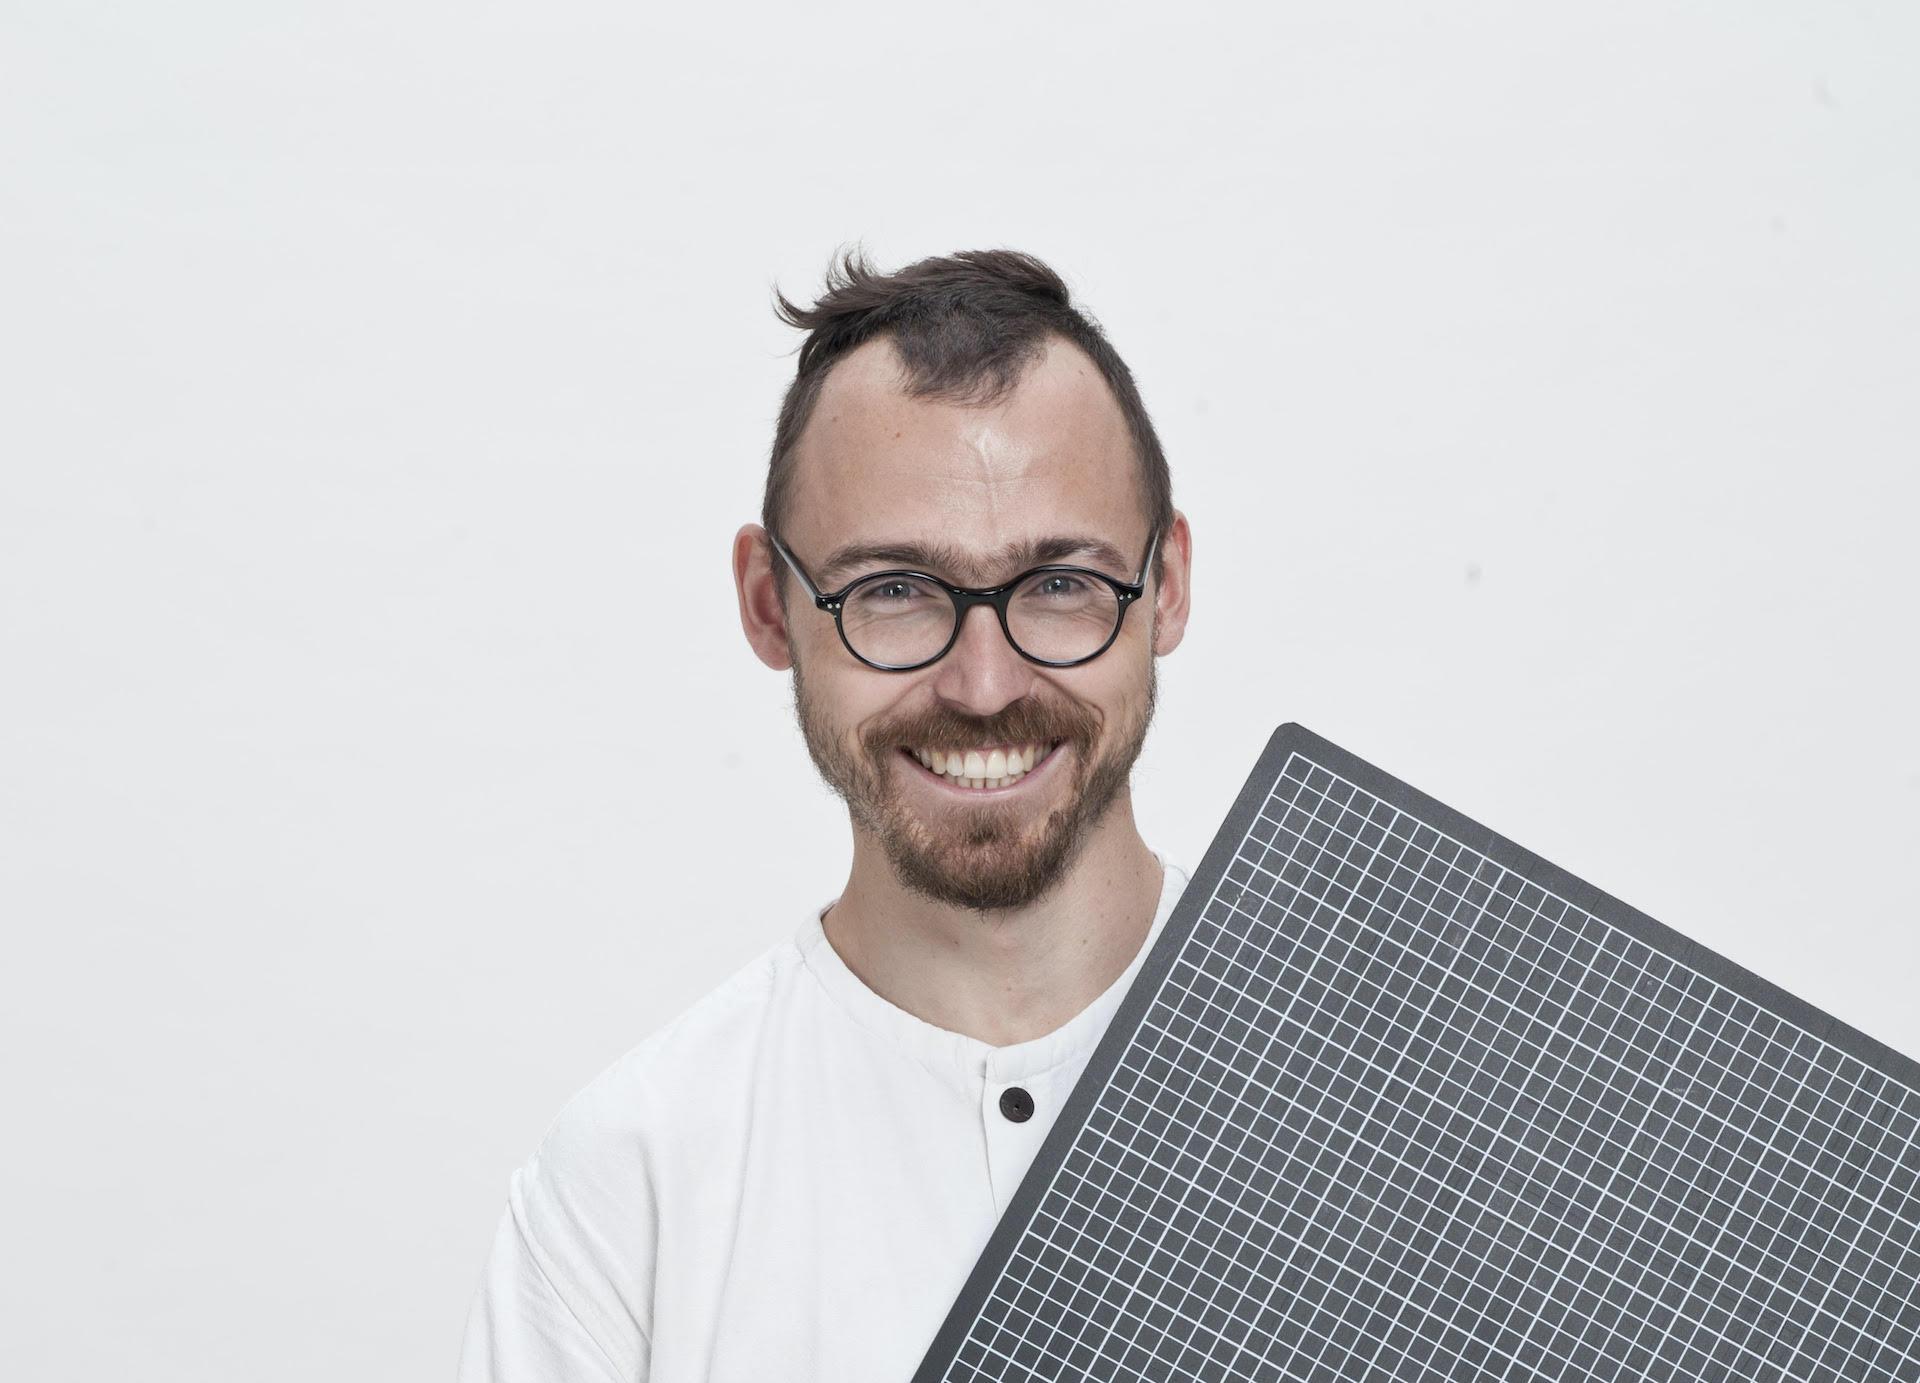 מיכאל חויצקי